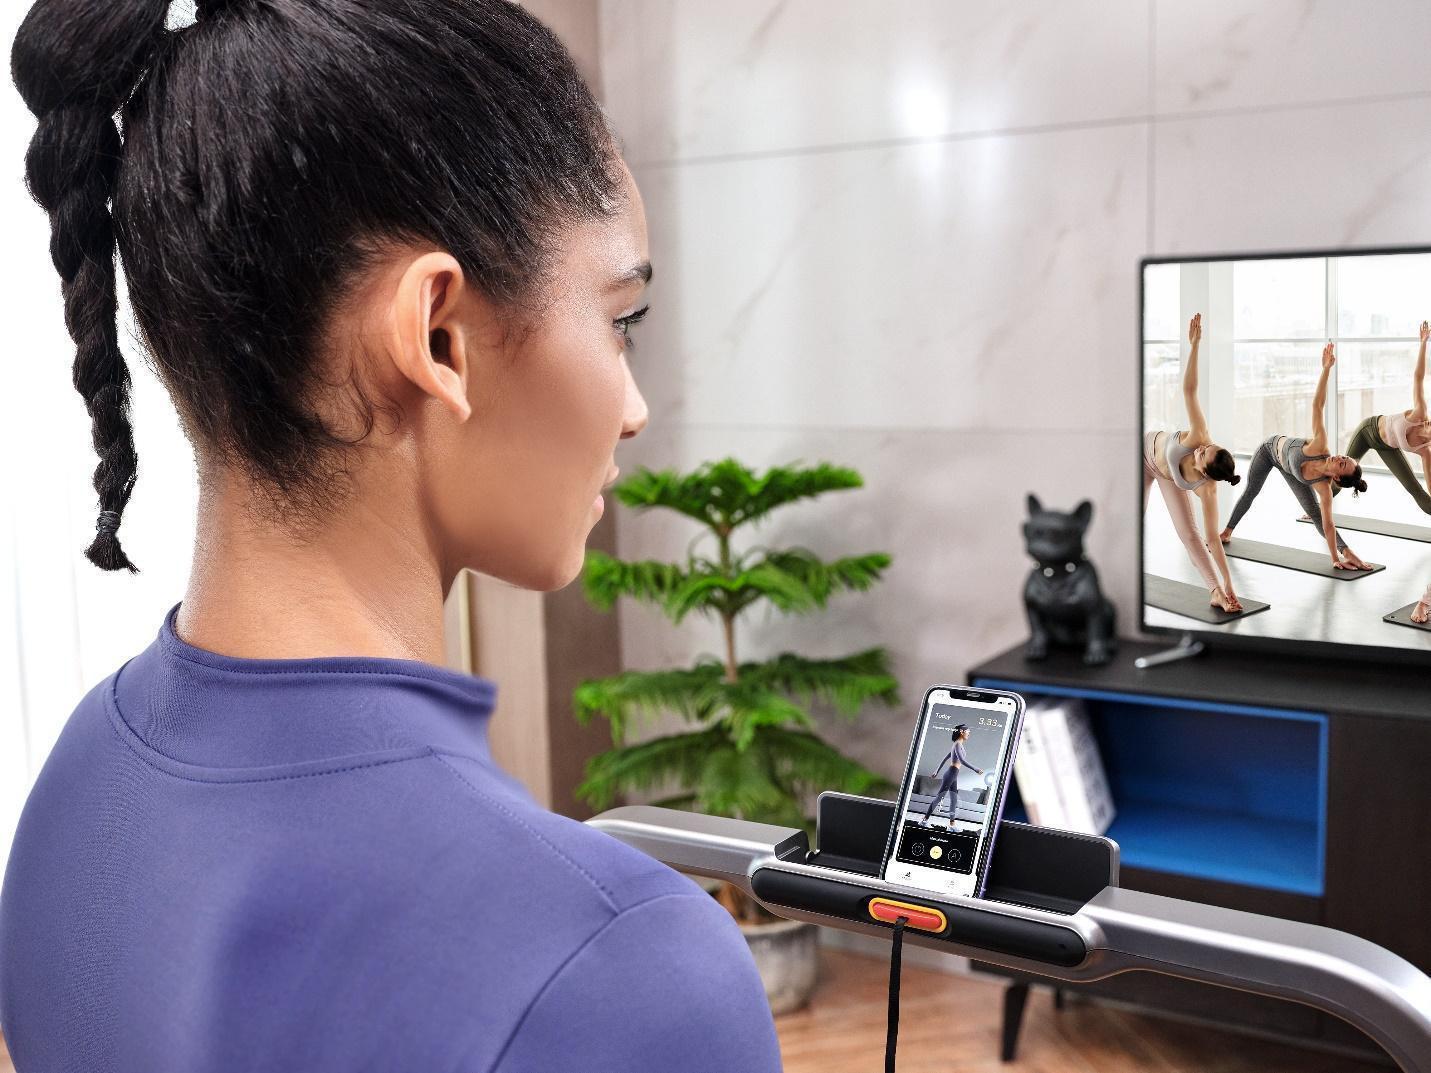 Biến tư gia thành phòng tập với máy chạy thông minh KingSmith - Ảnh 4.